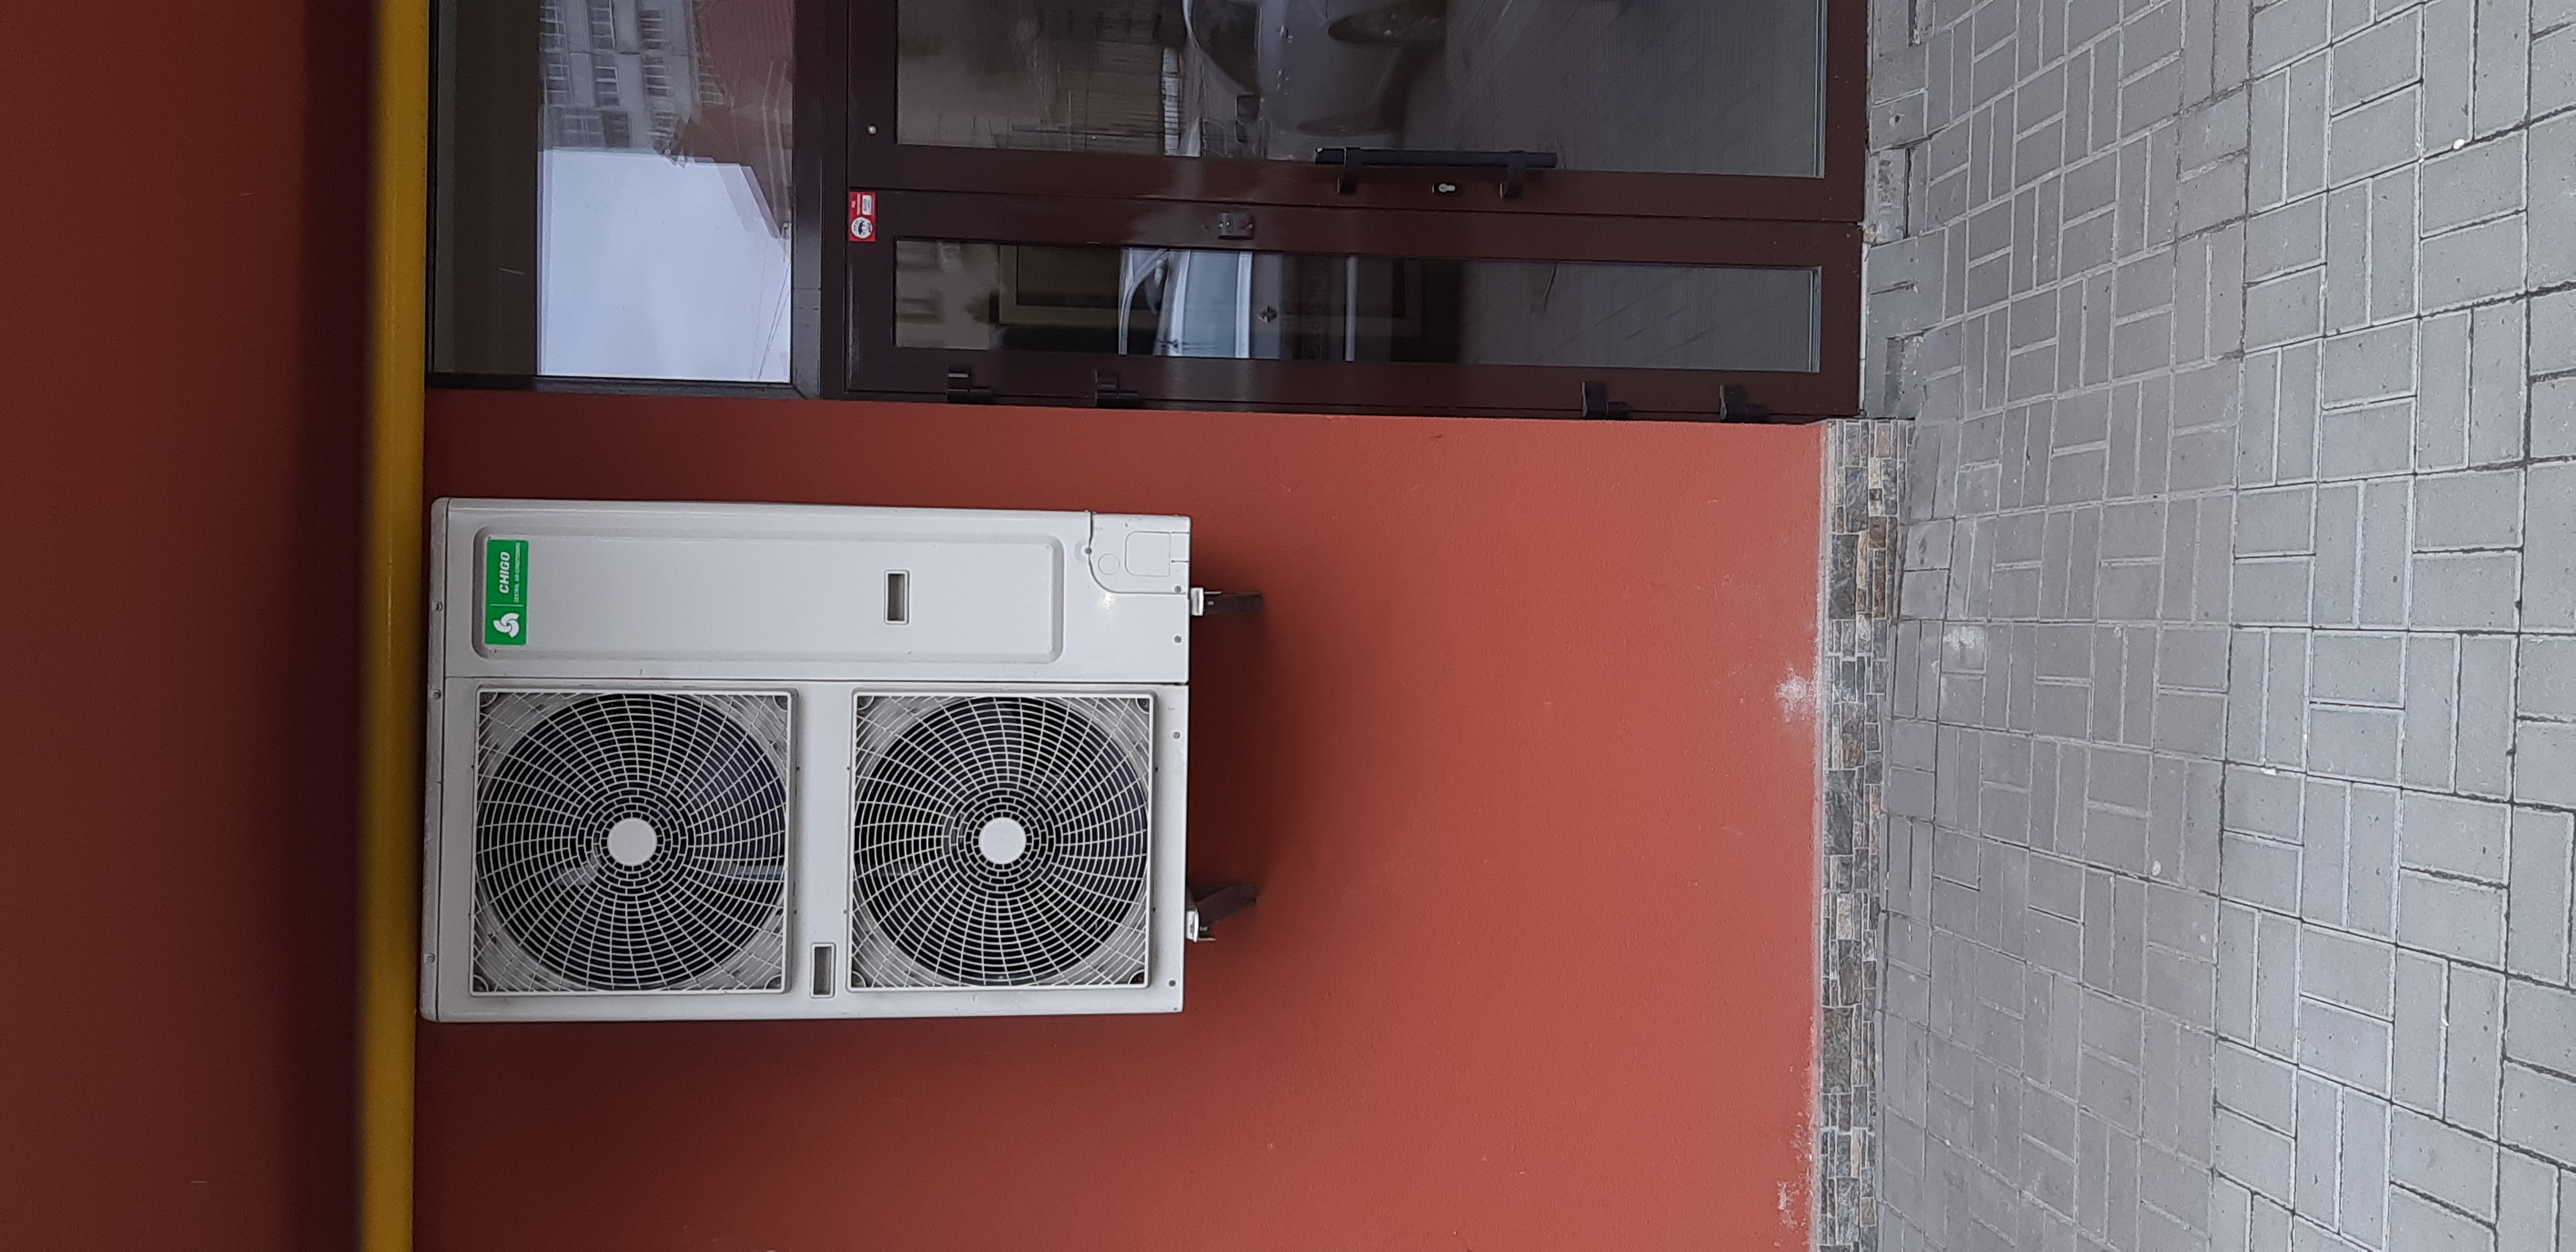 Фото Сплит система с двумя внутреними блоками.